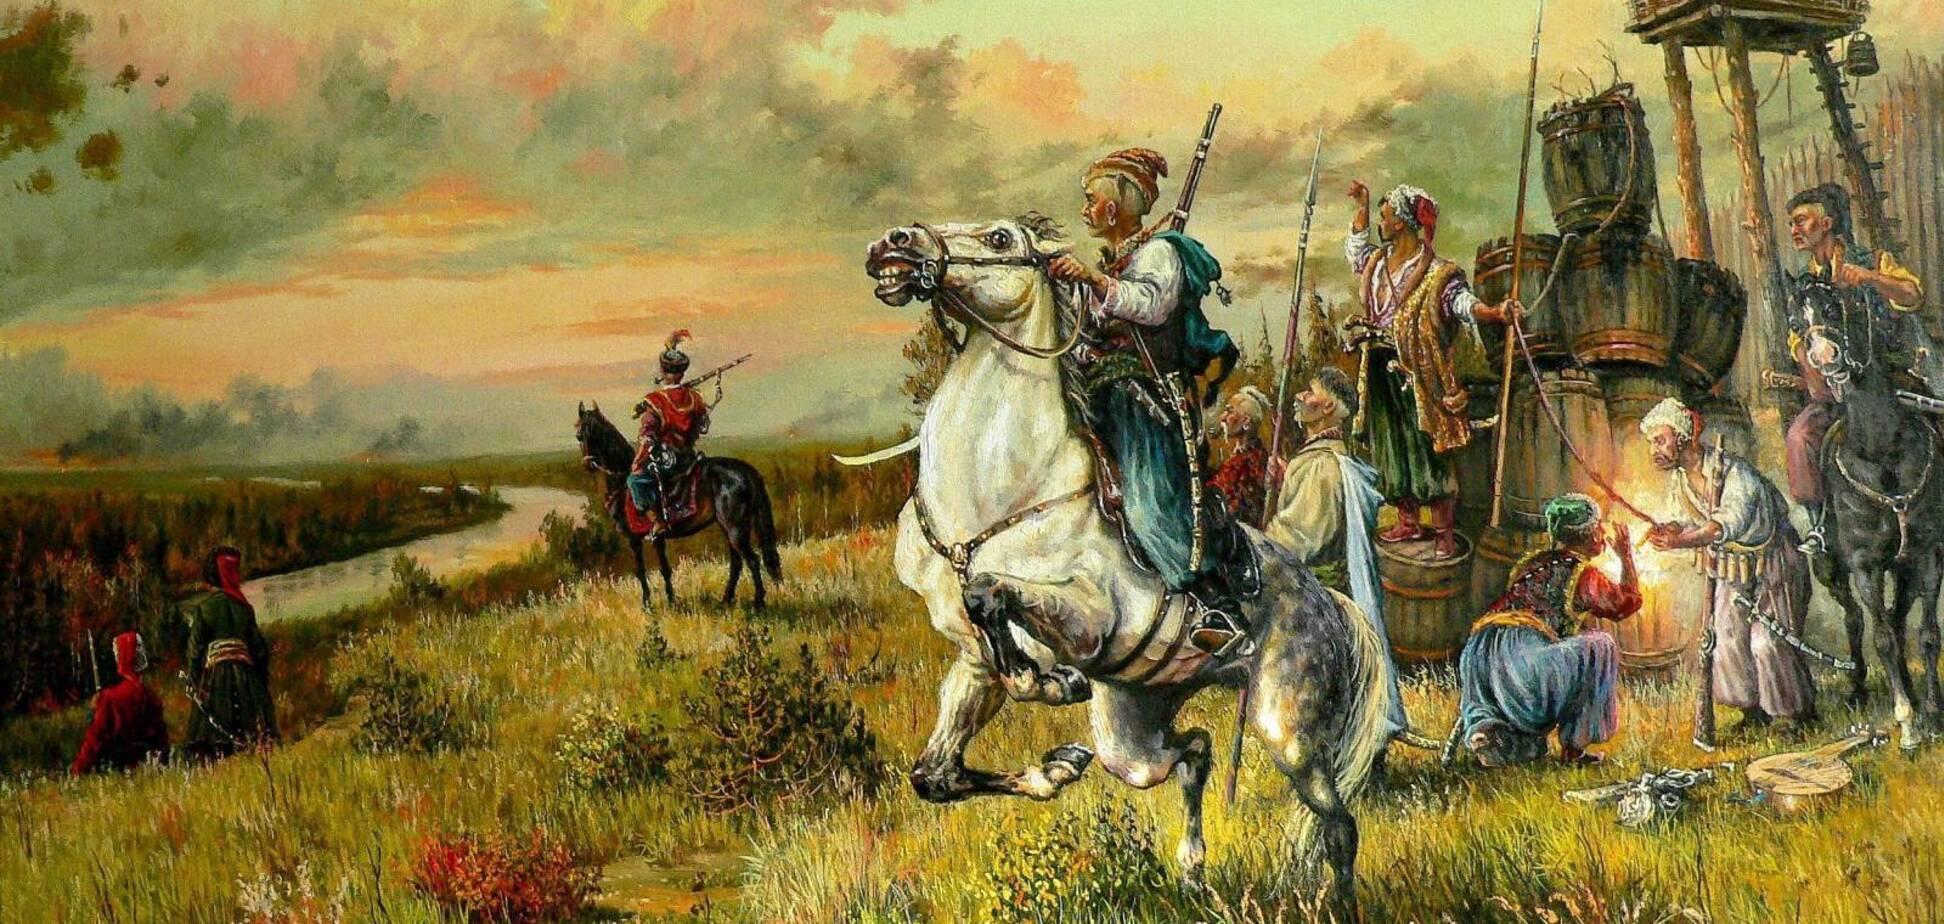 День українського козацтва за традицією відзначається в Покров Пресвятої Богородиці